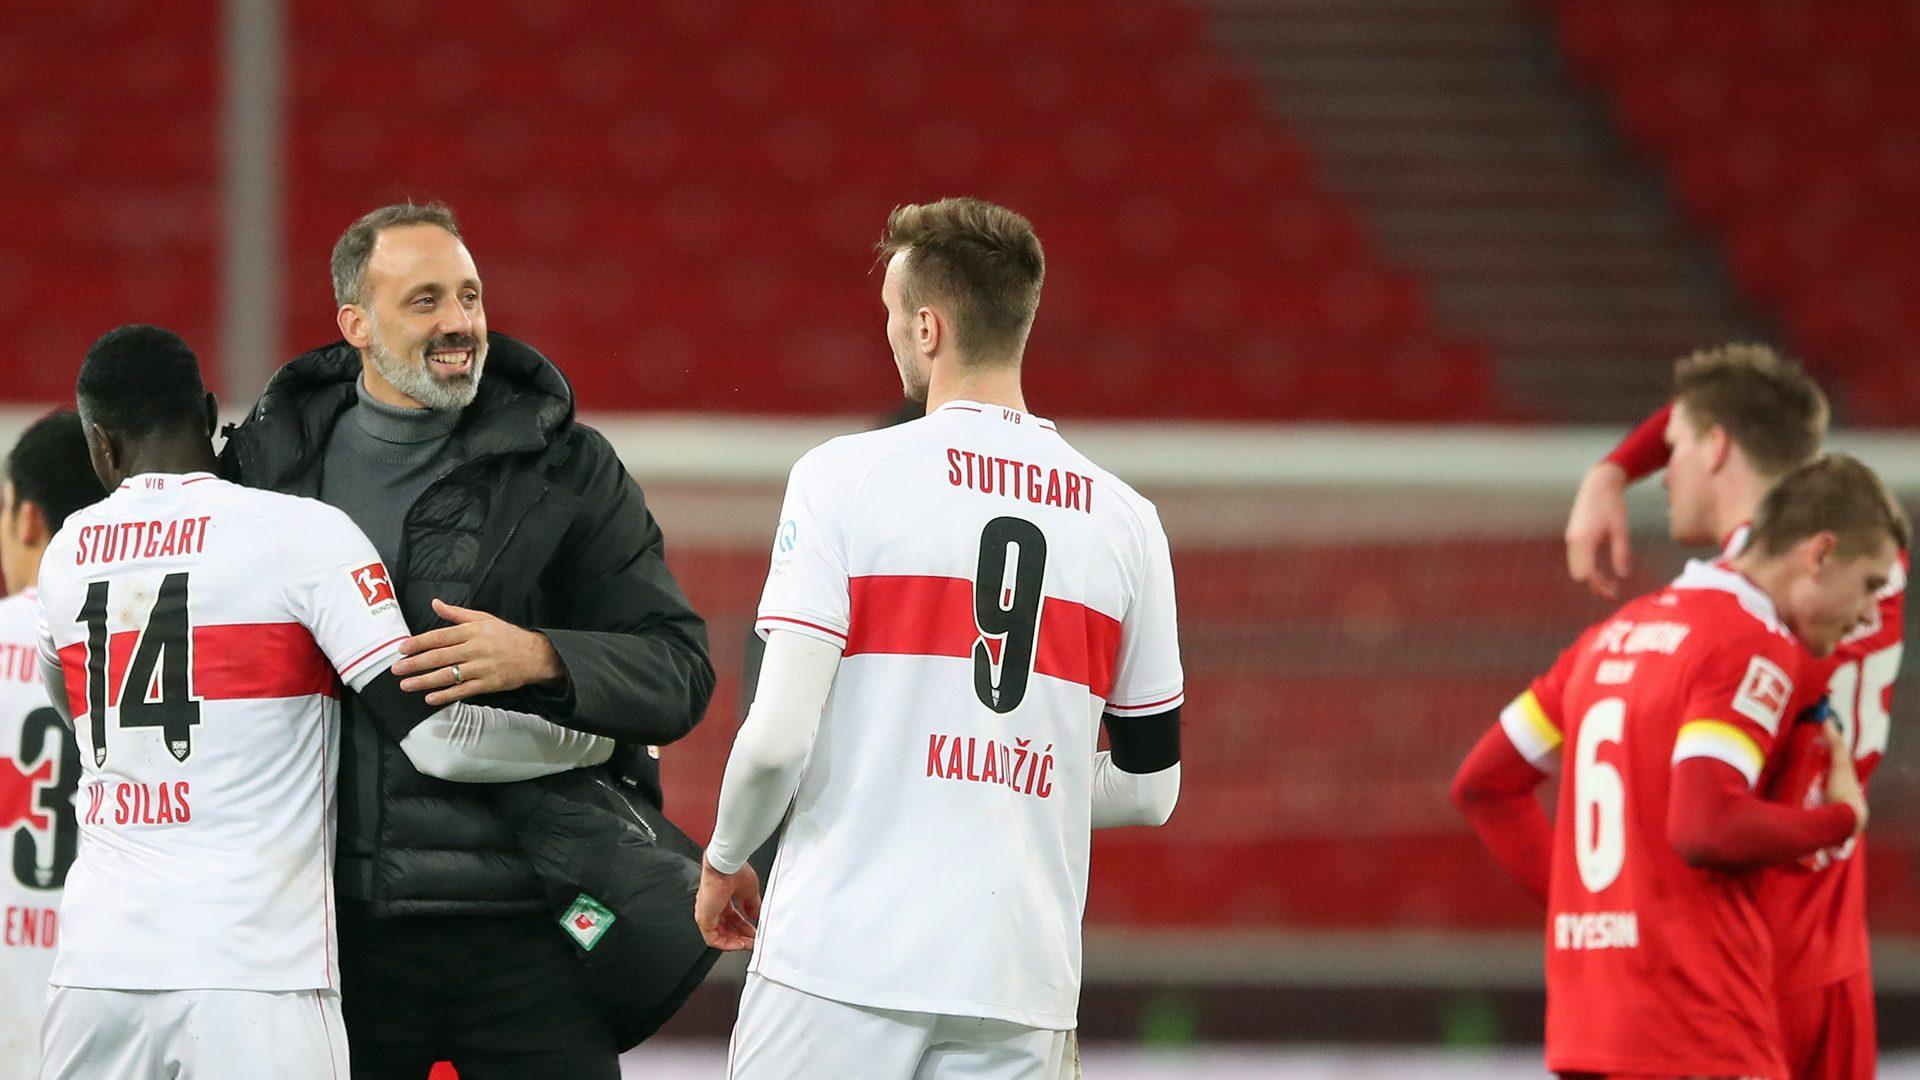 Union Berlin vs Stuttgart: Prediction, Lineups, Team News, Betting Tips & Match Previews